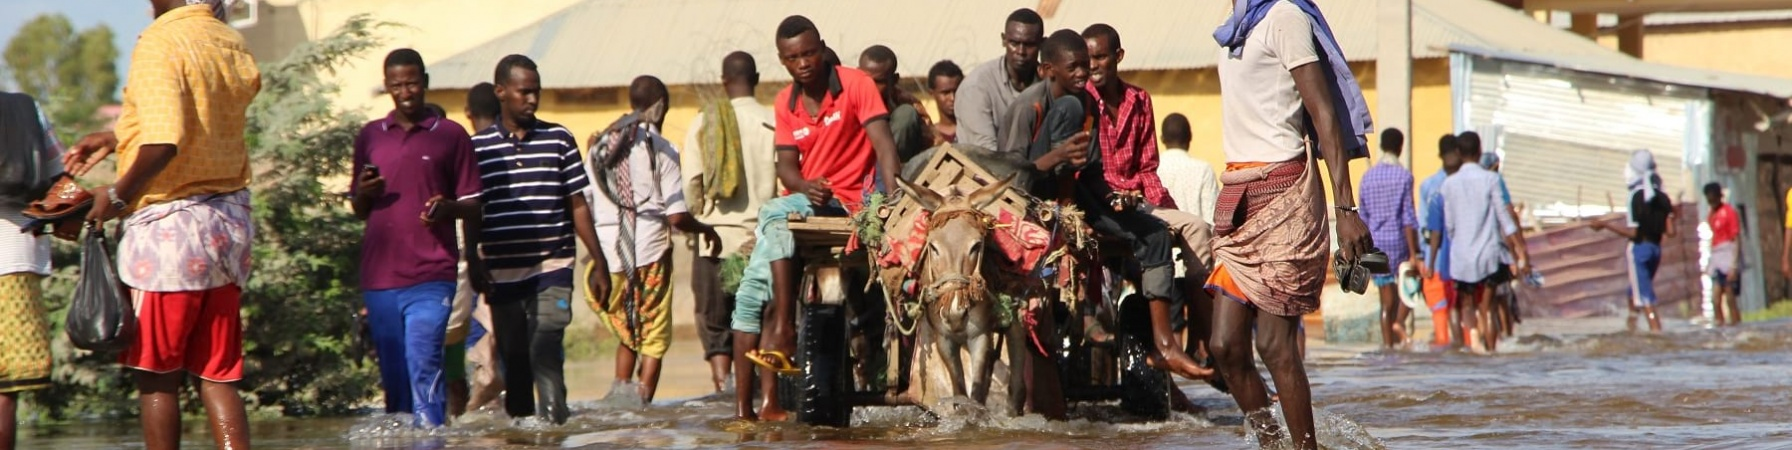 popolazione somala ripresa durante la fuga da un'indozione